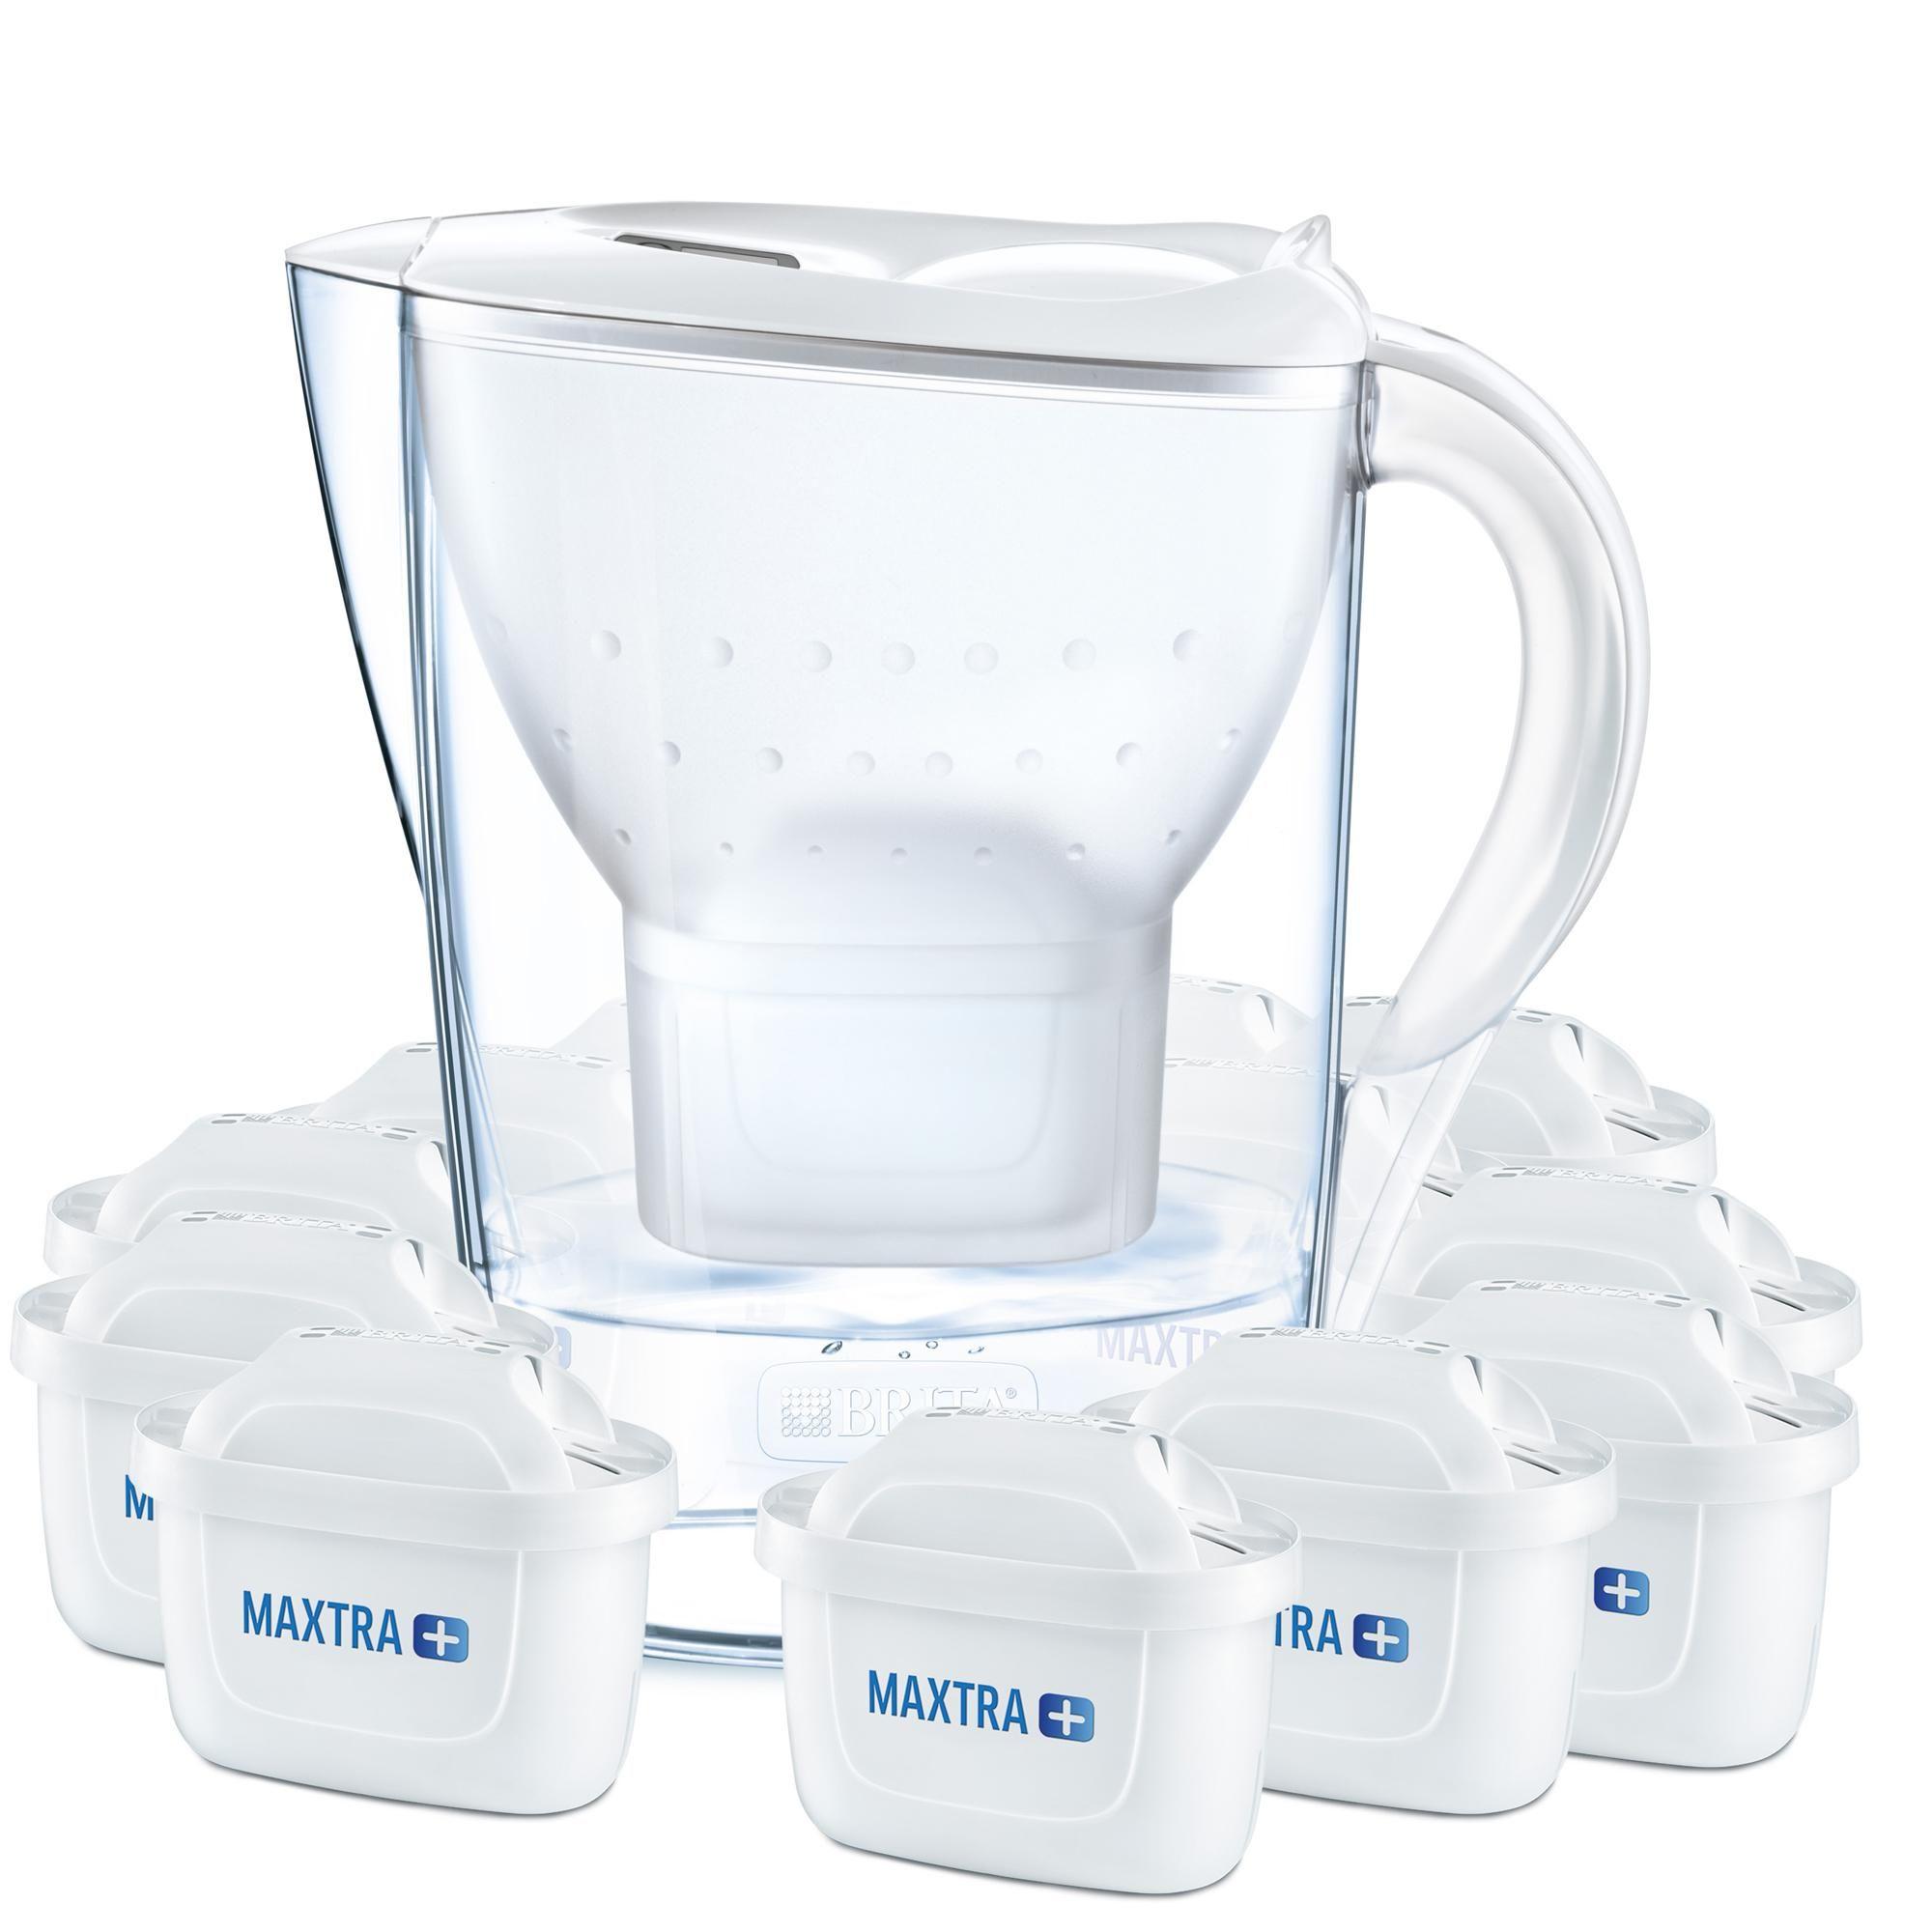 12 Maxtra Filterkartuschen Weiß Brita Wasserfilter Jahrespaket Marella inkl